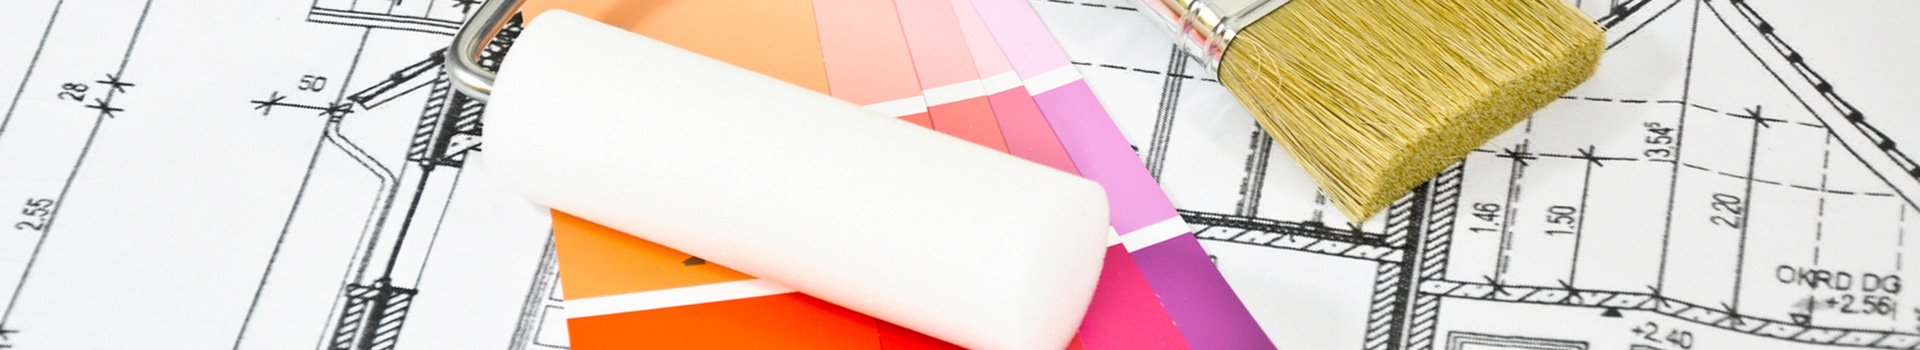 Farben, Lacke, Malerbedraf und Mehr, bei Farben Heckmeier bekommen Sie Alles, was Sie zum Malern brauchen.